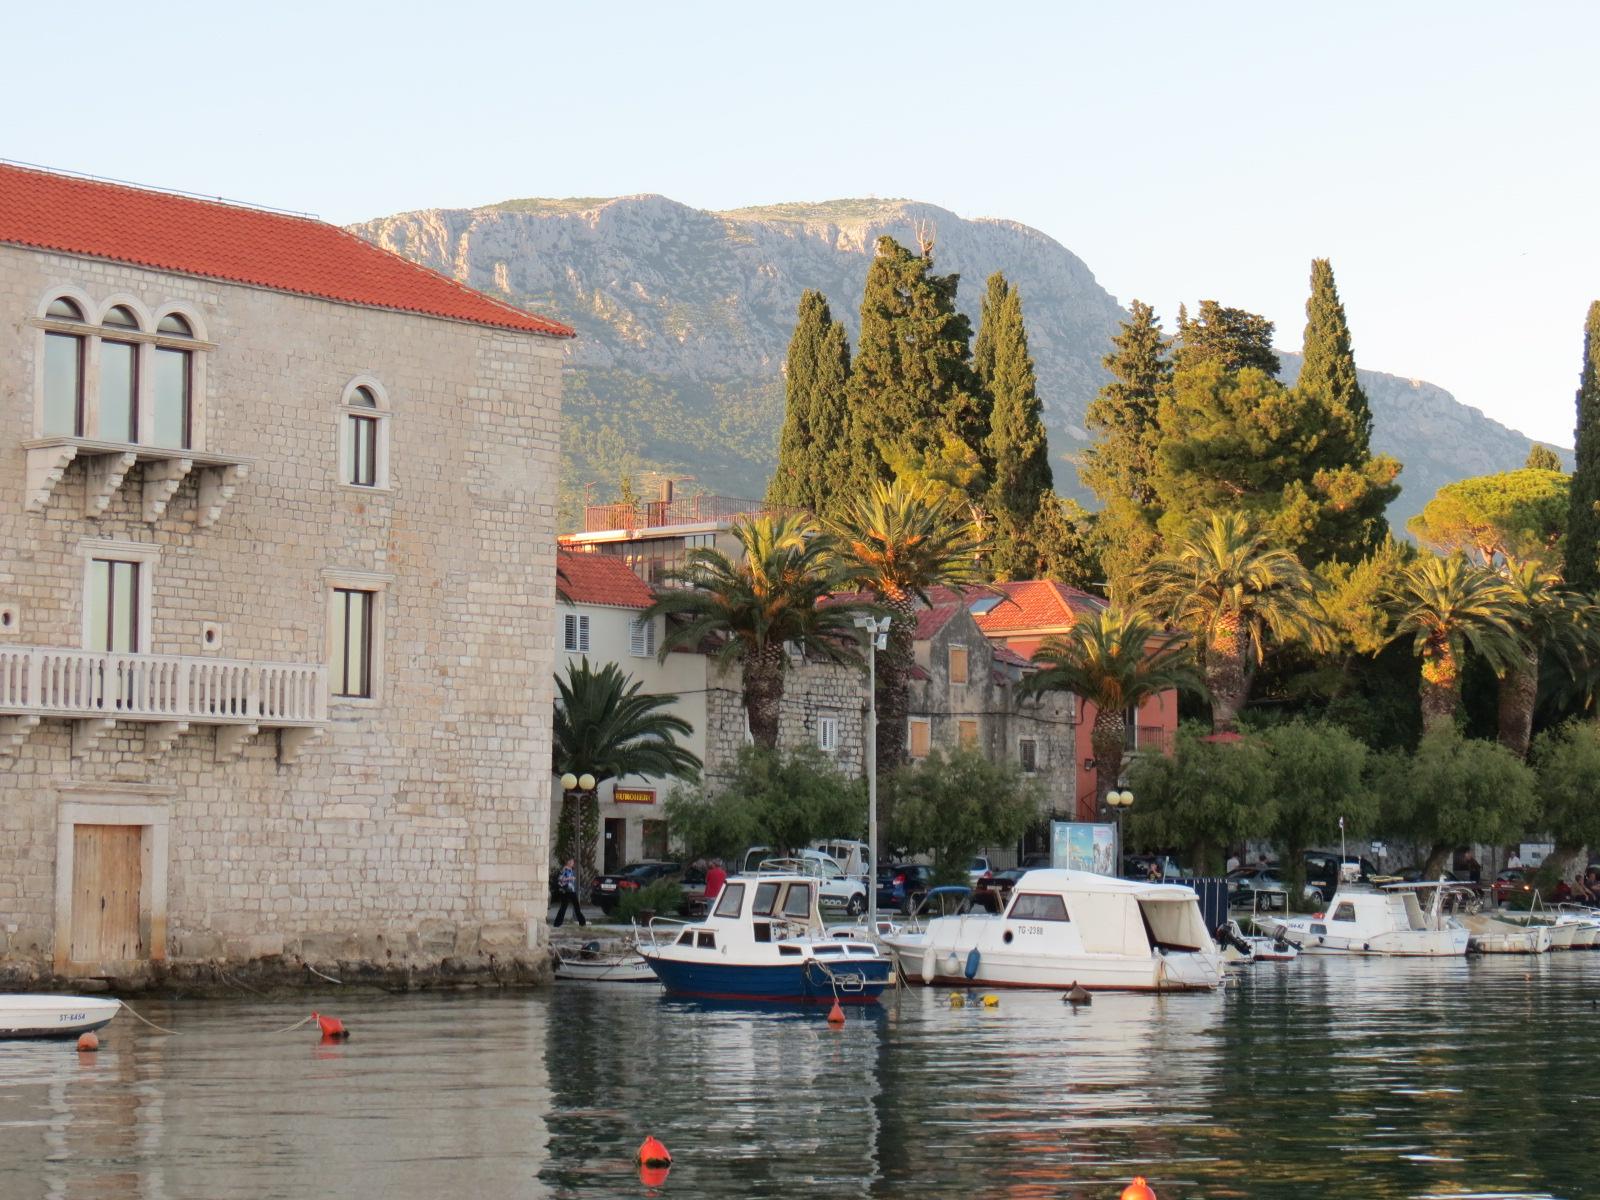 Trogir, nos arredores de Split, é um bate-volta imprescindível